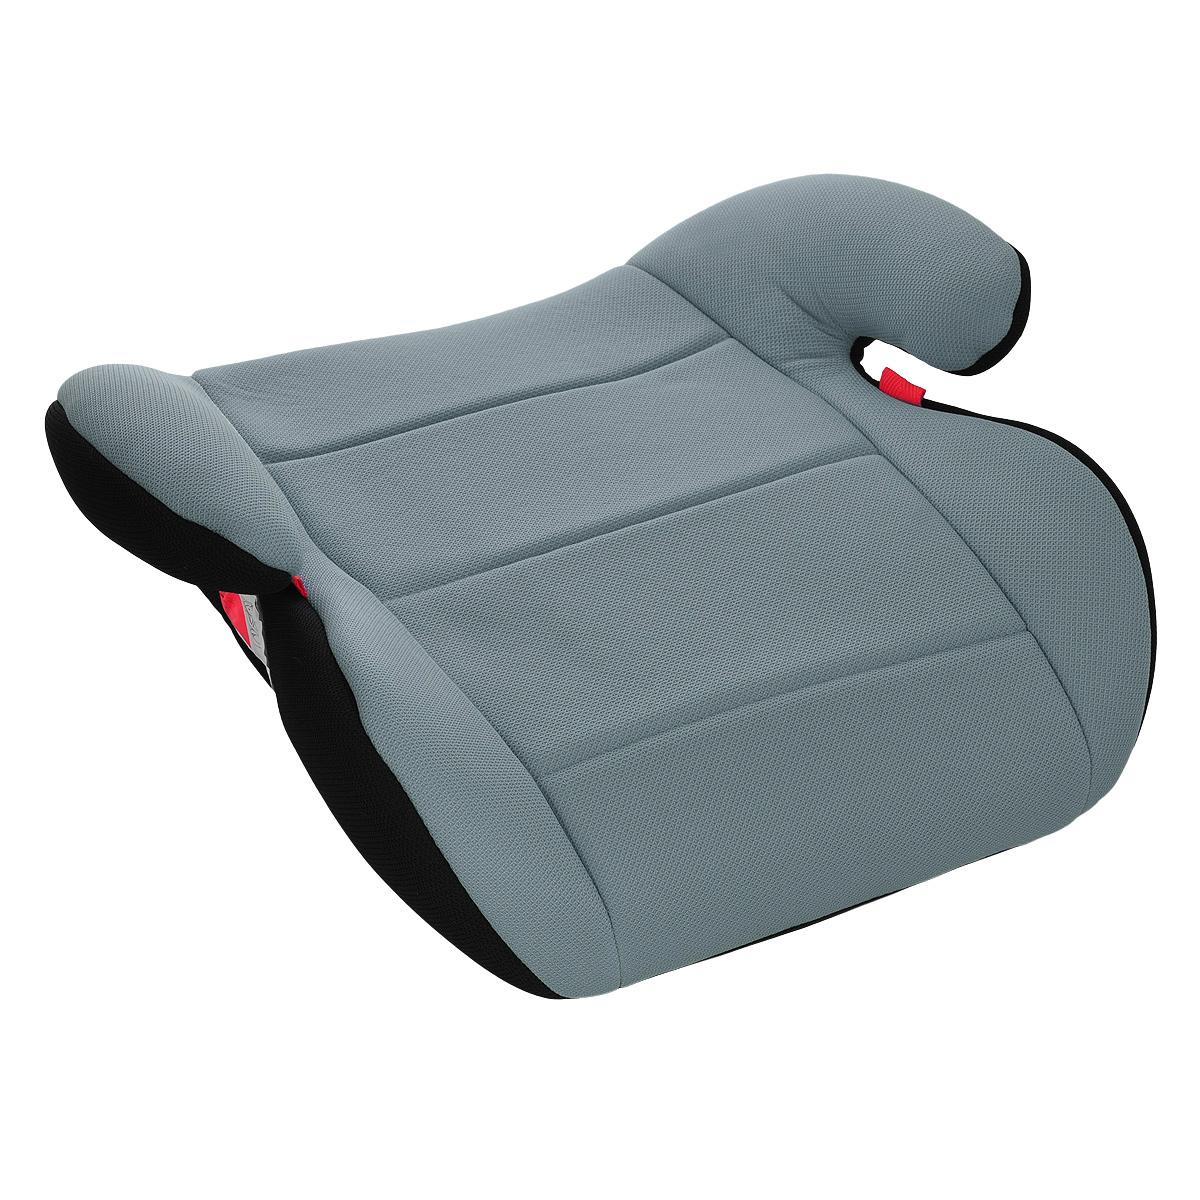 Автокресло-бустер, цвет: серый. YB804A-01YB804A-01Универсальное детское автокресло-бустер представляет собой основание с анатомическим сиденьем, имеющее закругленные формы, которые обеспечивают максимальный комфорт ребенку весом от 15 до 36 килограмм. Кресло соответствует единому европейскому стандарту безопасности для использования в автомобилях и устанавливается почти на всех автомобильных сиденьях. Основные характеристики автокресла-бустера: легко устанавливается и крепится в автомобиле; фиксация ребенка только трехточечным ремнем безопасности автомобиля; высокие подлокотники обеспечивают максимальный комфорт ребенку и дополнительную защиту при боковых столкновениях; чехол легко снимается для стирки. В комплект входит инструкция по эксплуатации бустера на русском языке. Весовая категория ребенка: 15-36 кг.